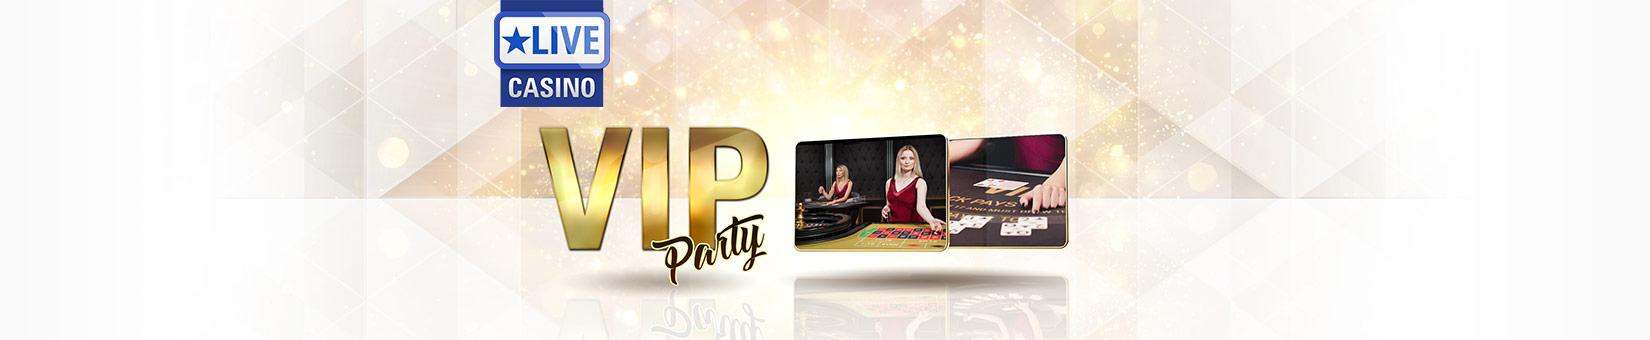 Tiradas gratis Aristocrat poker en vivo-36810